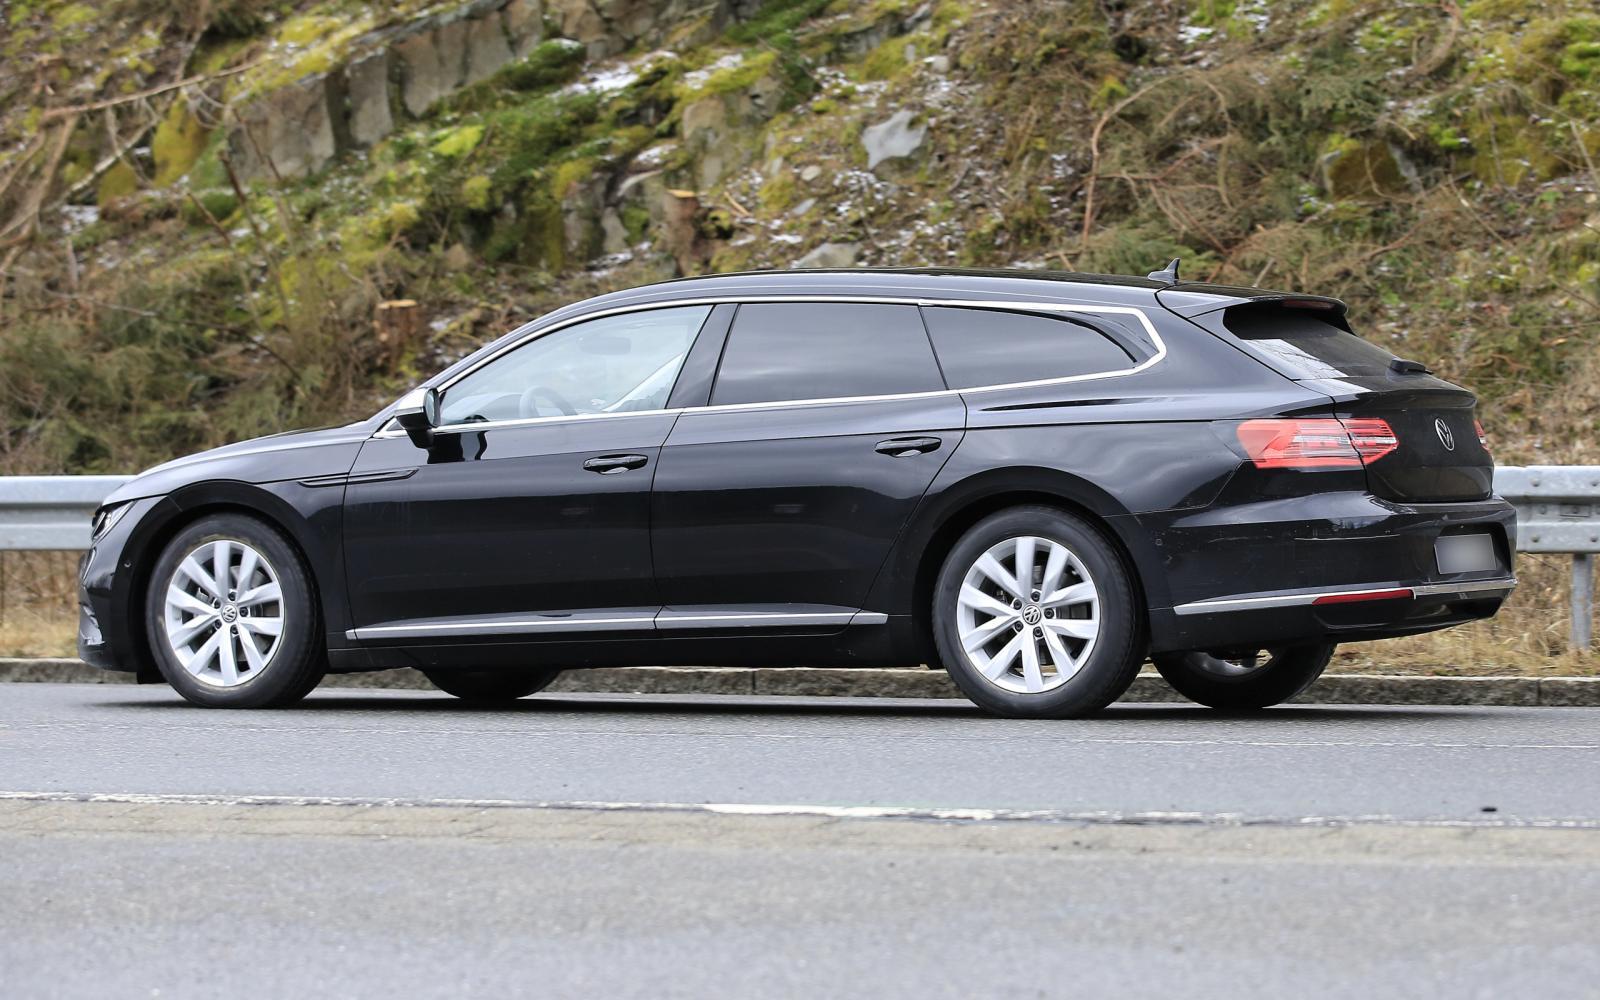 De Volkswagen Arteon Shooting Brake heeft hangbillen